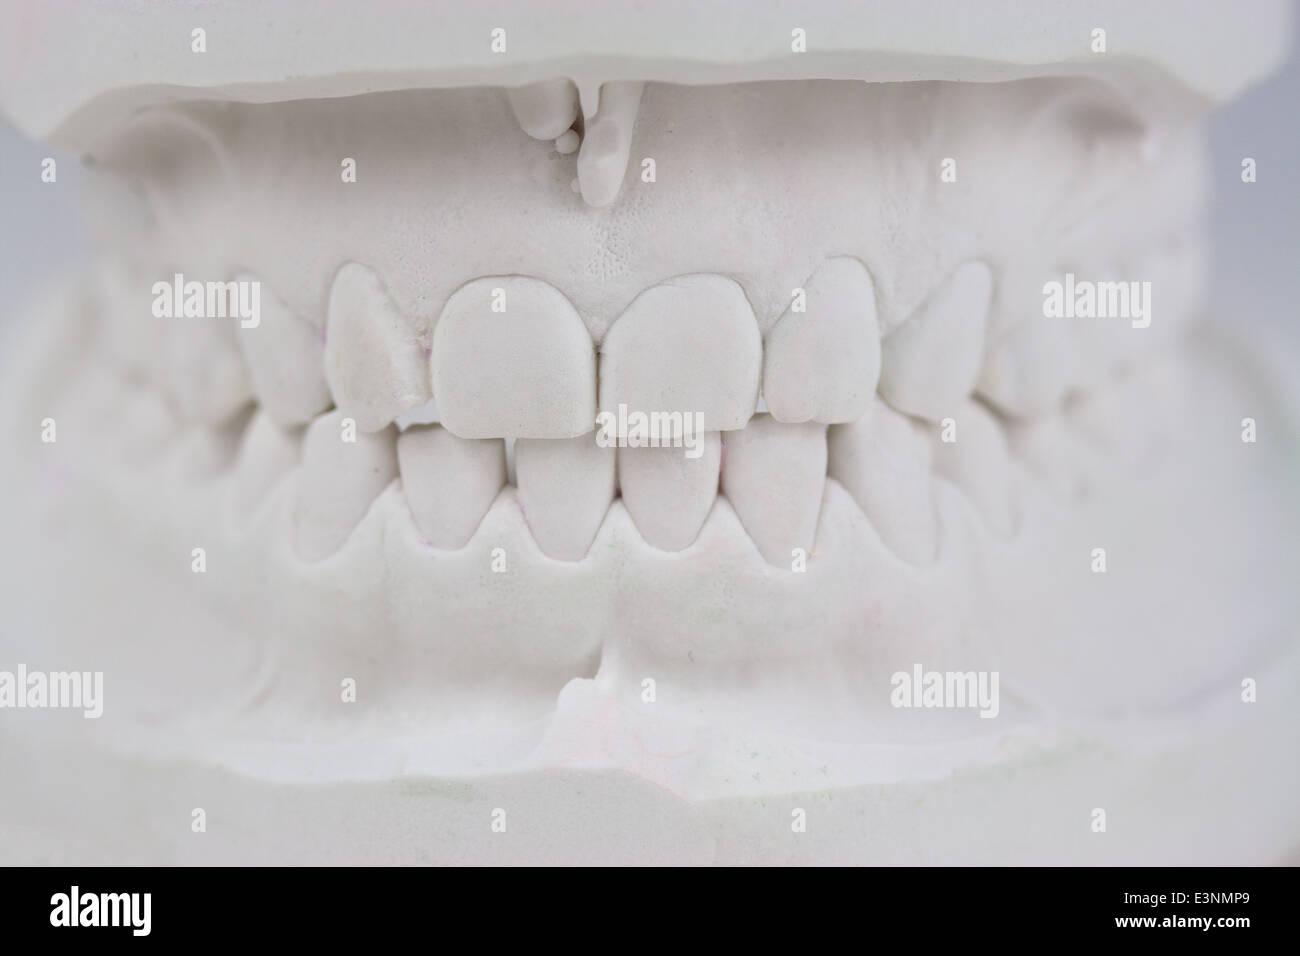 Zahnmodell Gipsabdruck - Stock Image